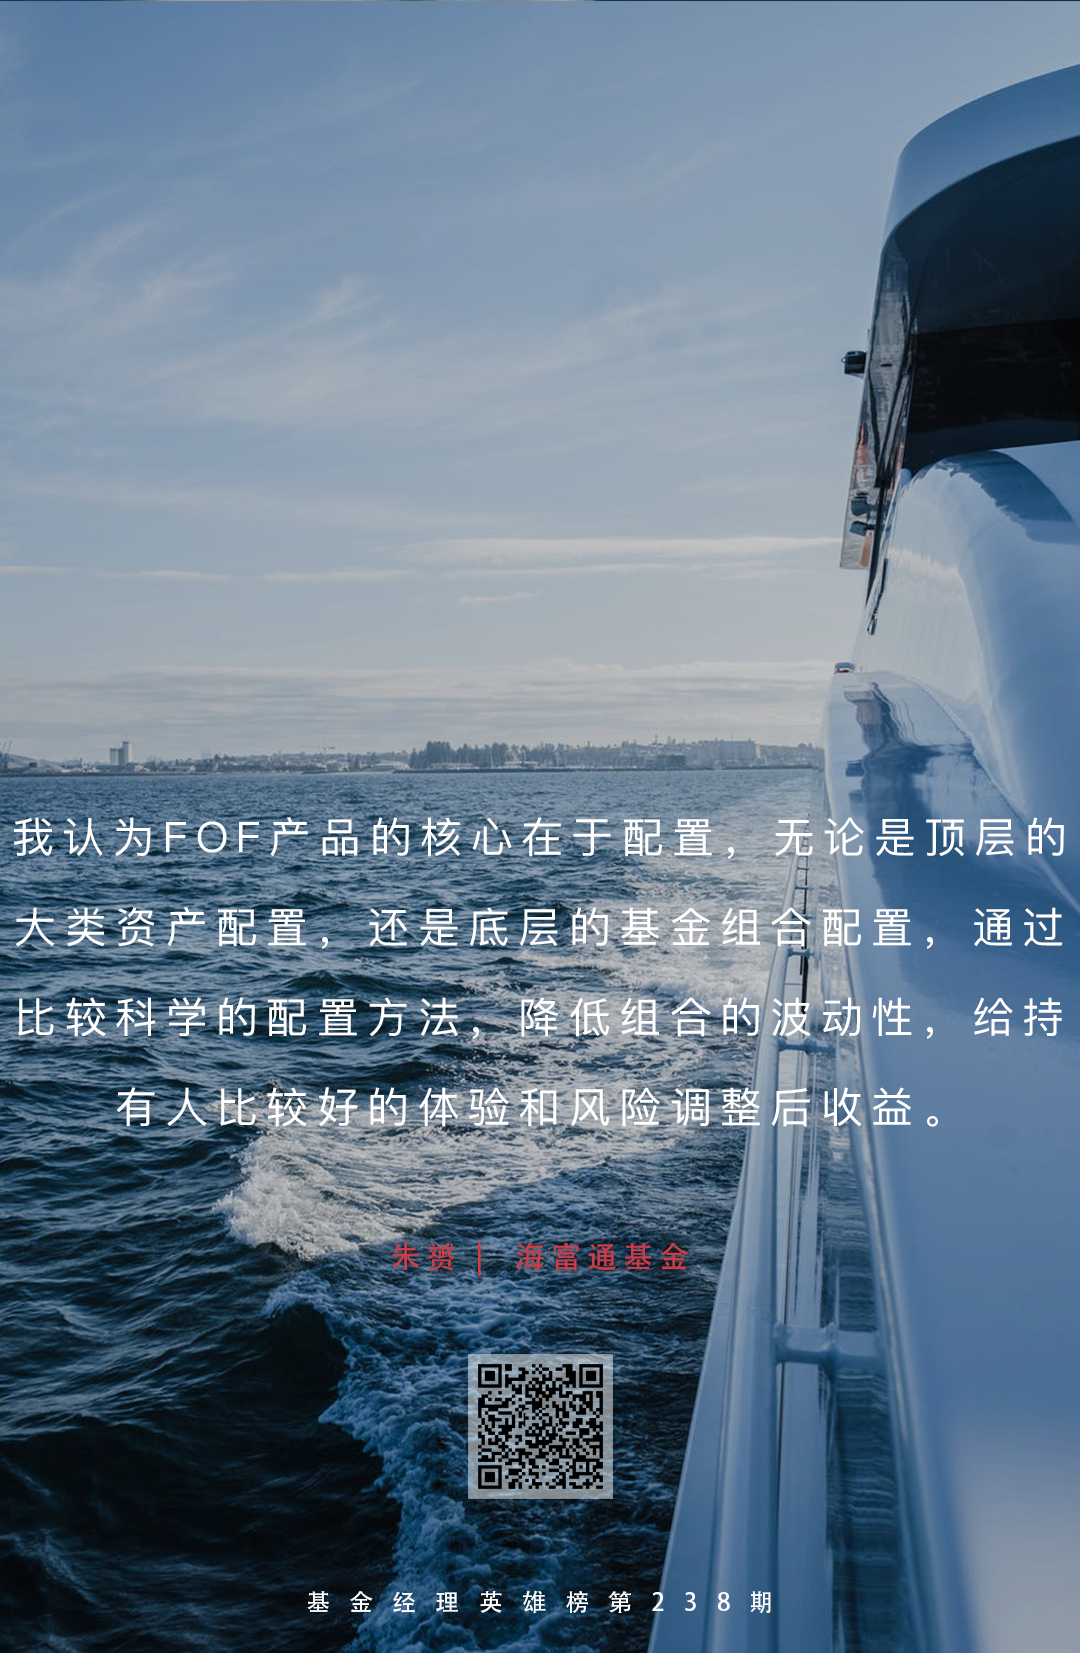 海富通基金朱伟:看完所有高手,重新开始